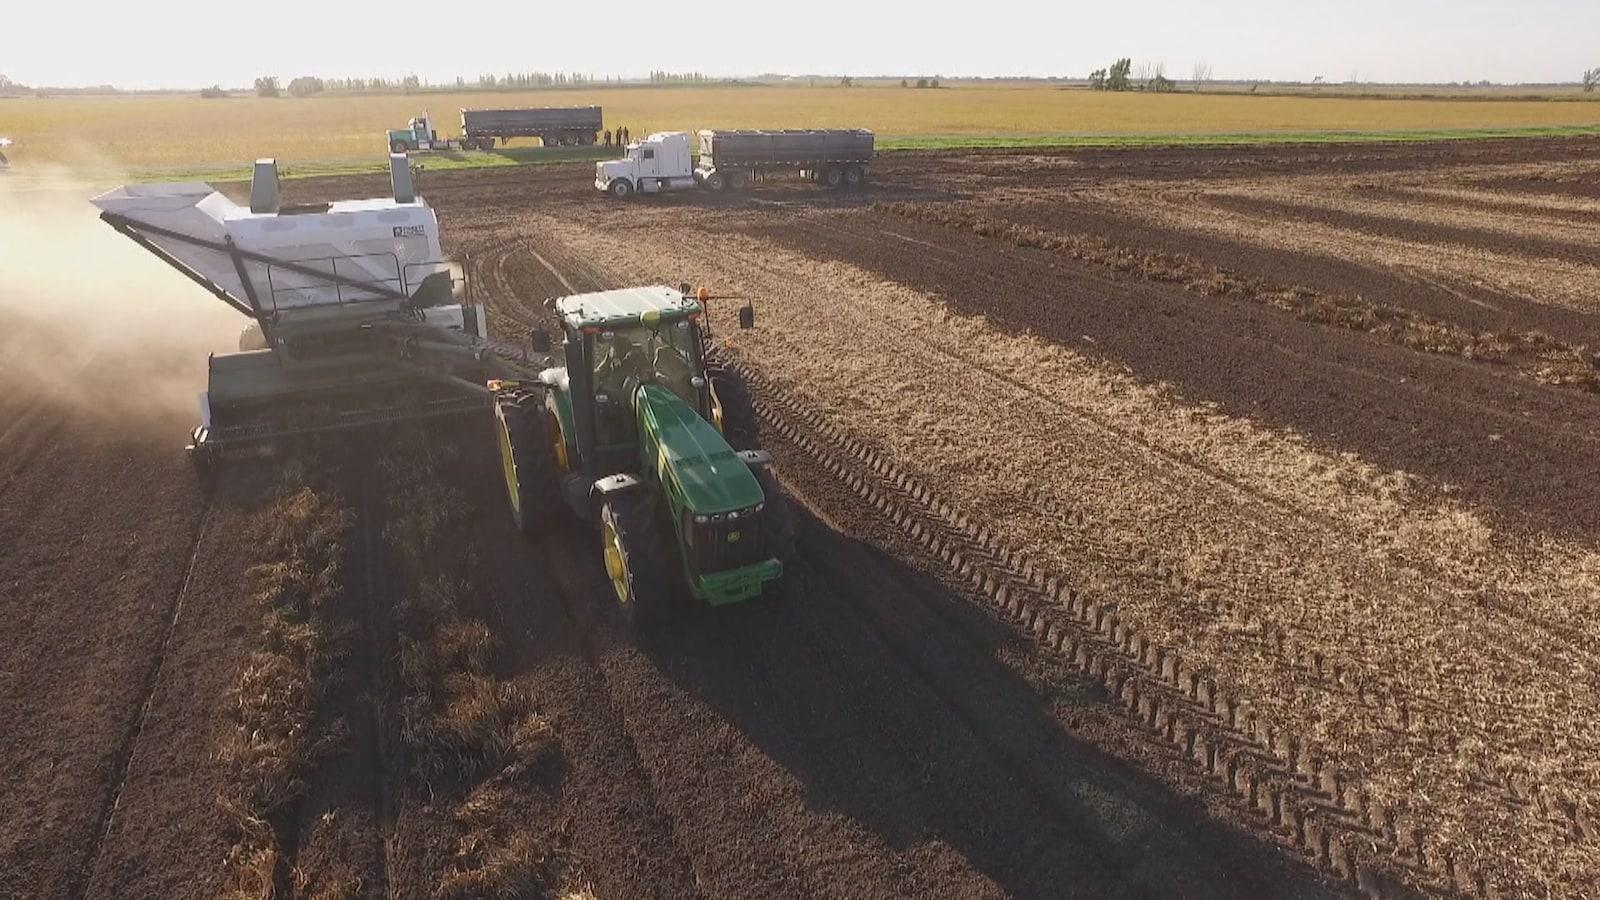 Un tracteur travaille la terre dans un grand champs agricole, avec deux autres camions en arrière-plan.